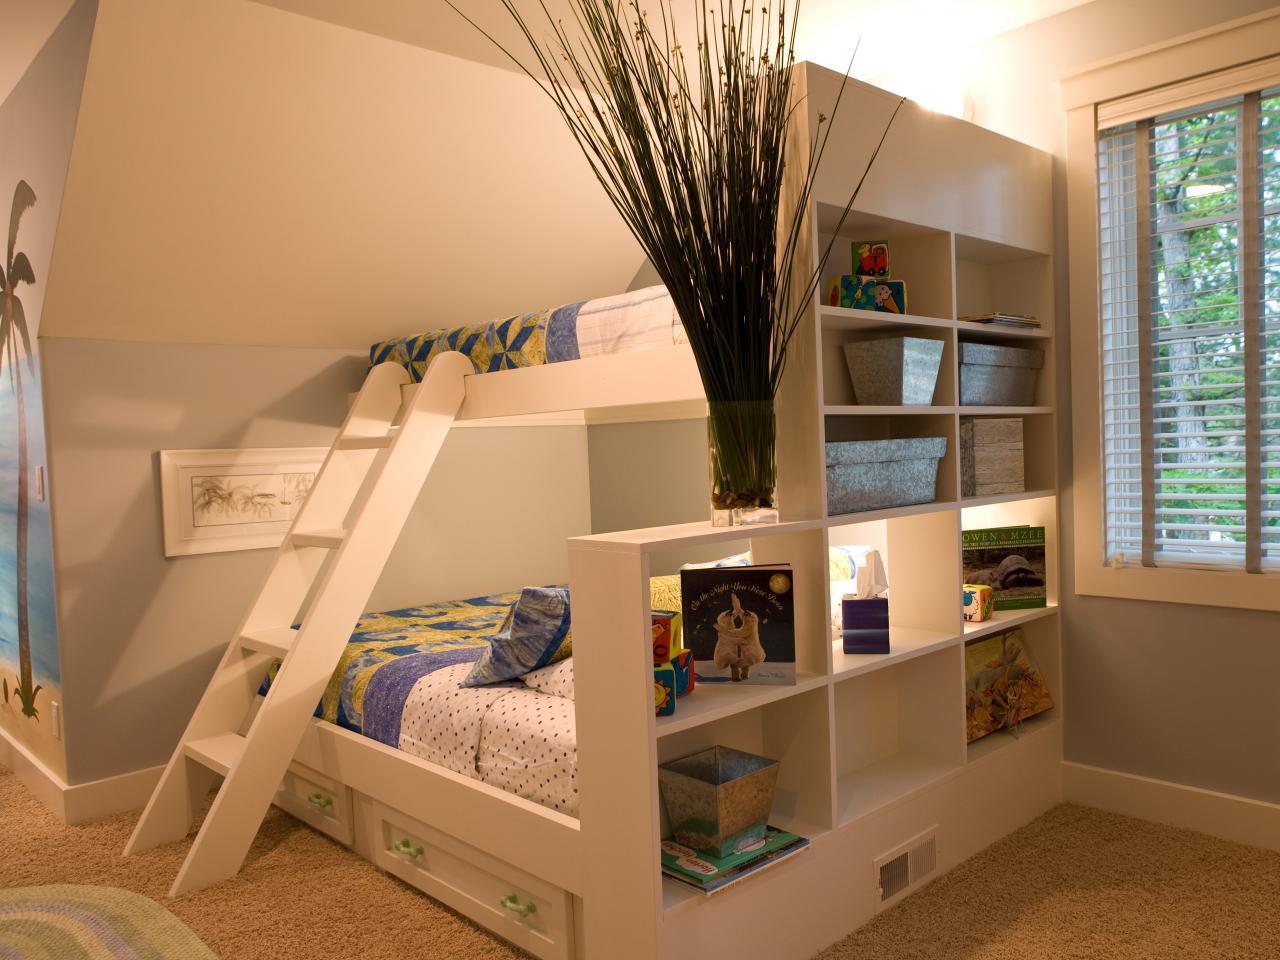 Детская 10 кв м с кроватью